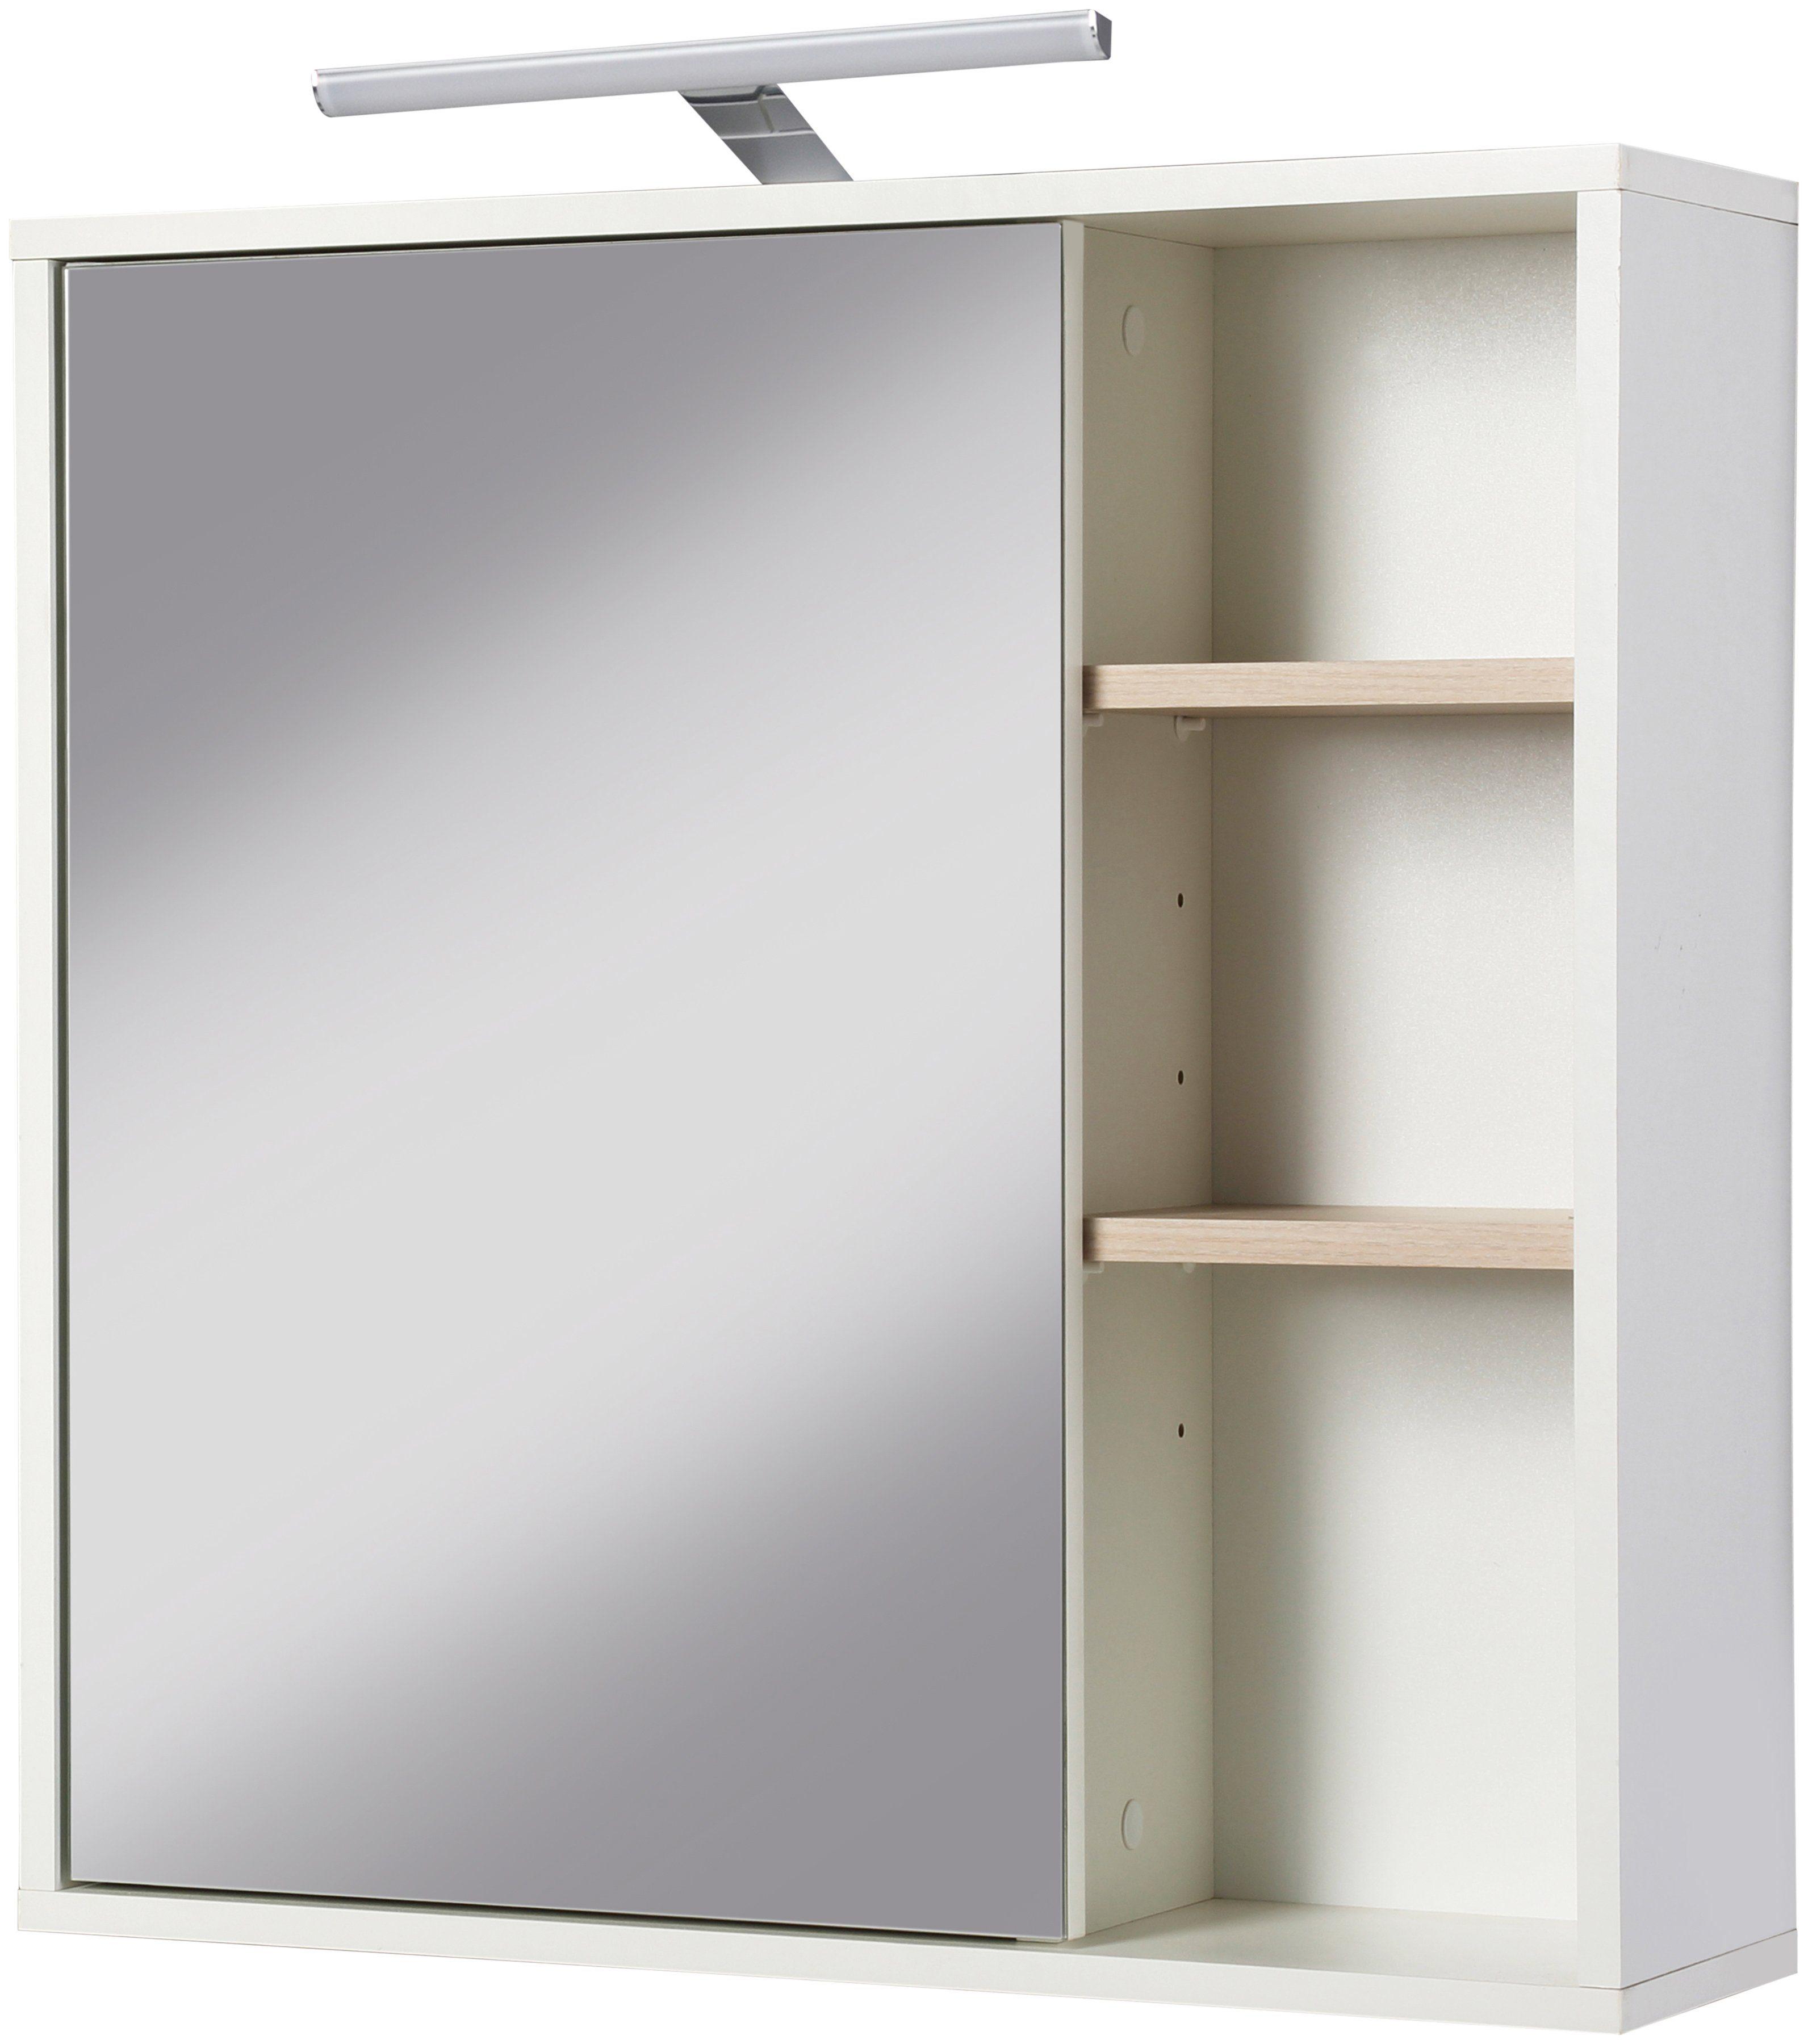 KESPER Spiegelschrank »Scala«, Breite 61 cm, LED